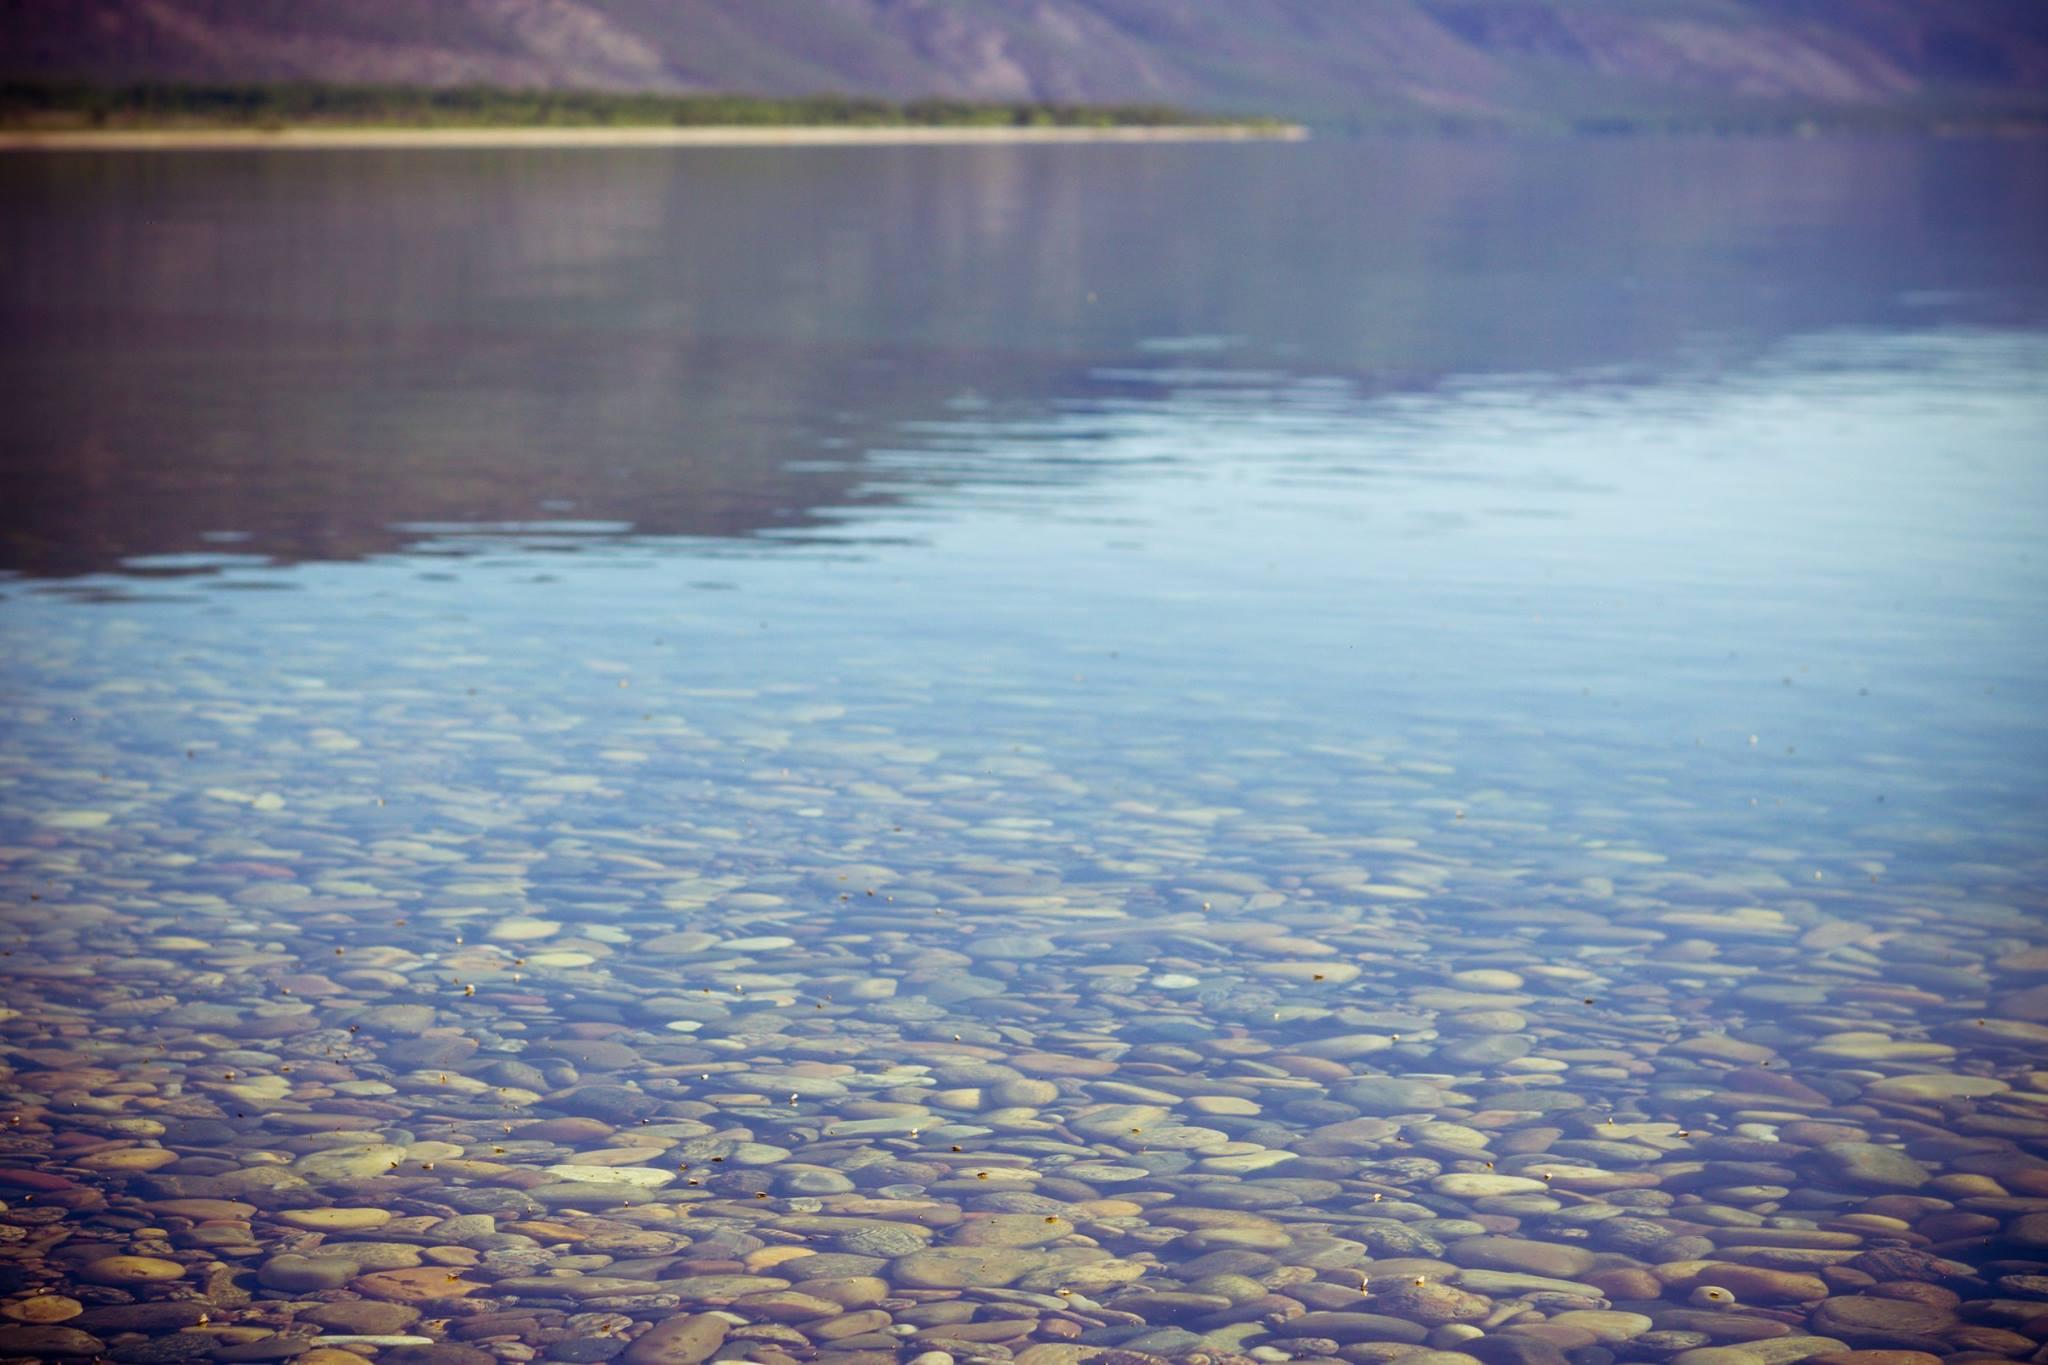 Contiene quasi il 20% delle riserve d'acqua dolce del pianeta, esclusi i ghiacciai e le calotte polari. Non sorprende quindi che ci si interroghi sul possibile utilizzo di queste acque